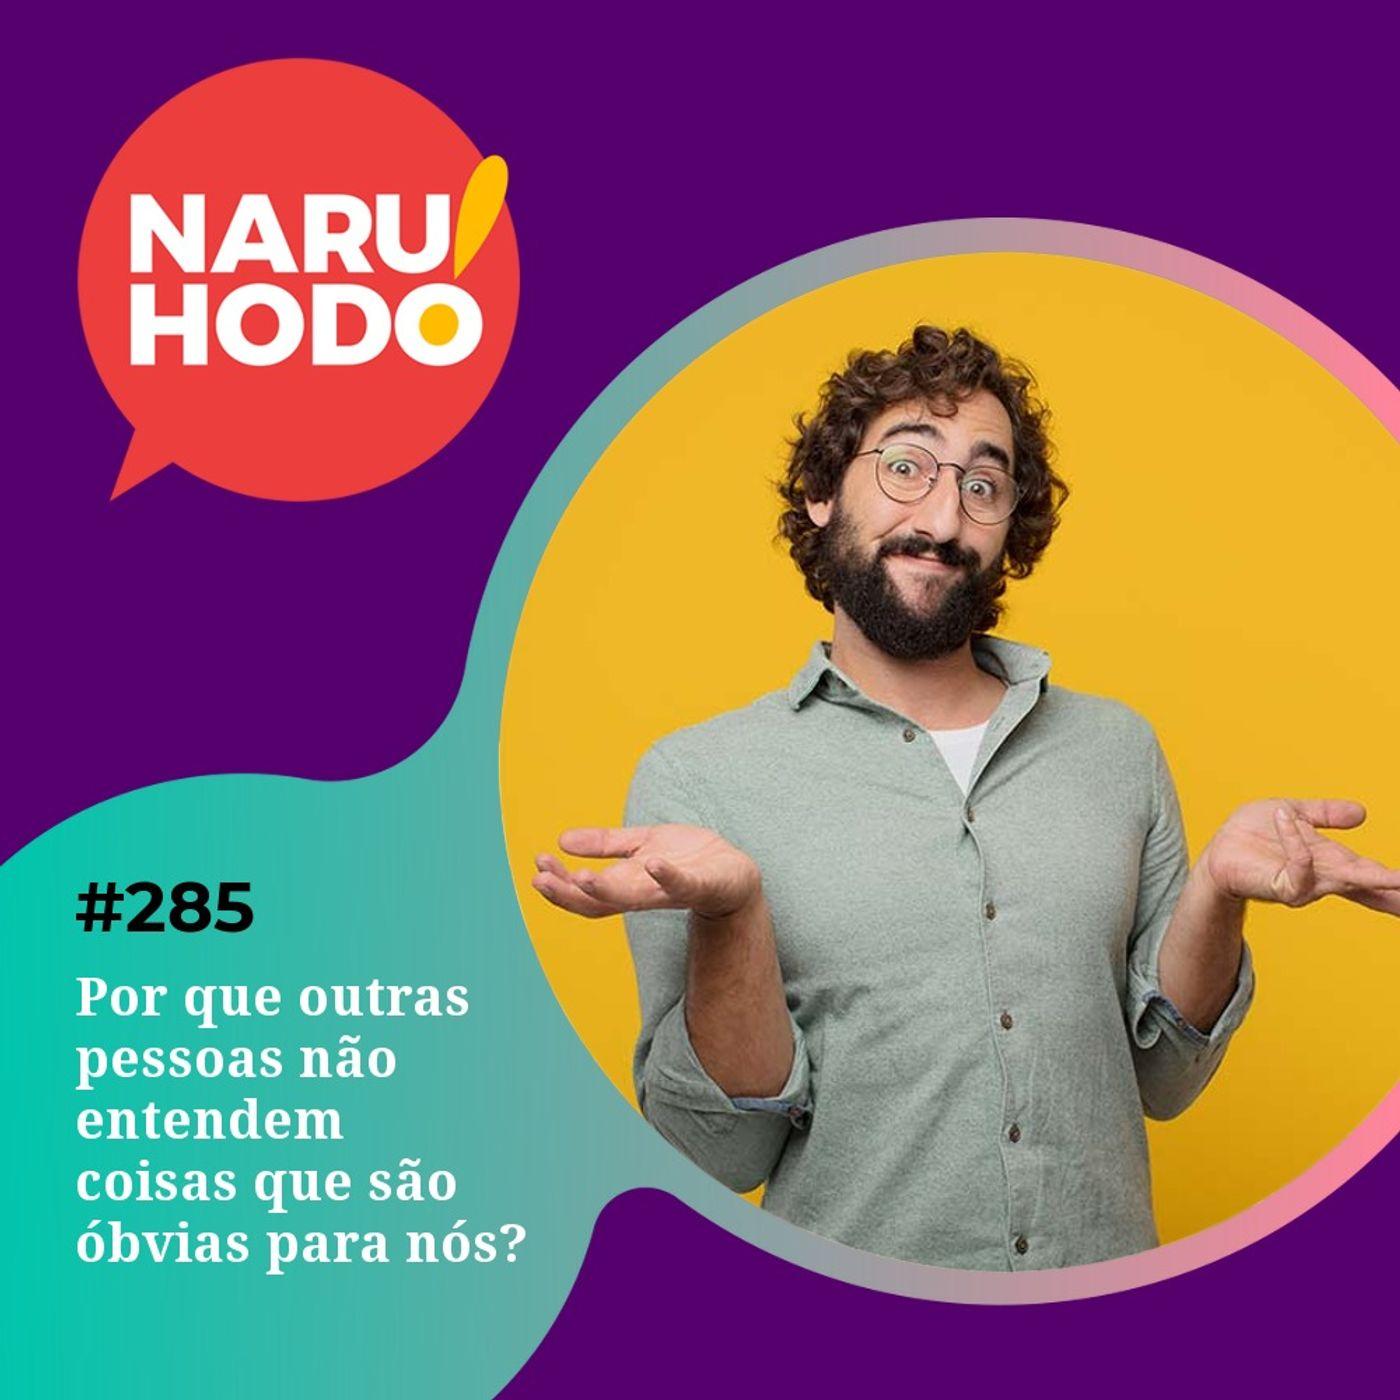 Naruhodo #285 - Por que outras pessoas não entendem coisas que são óbvias para nós?